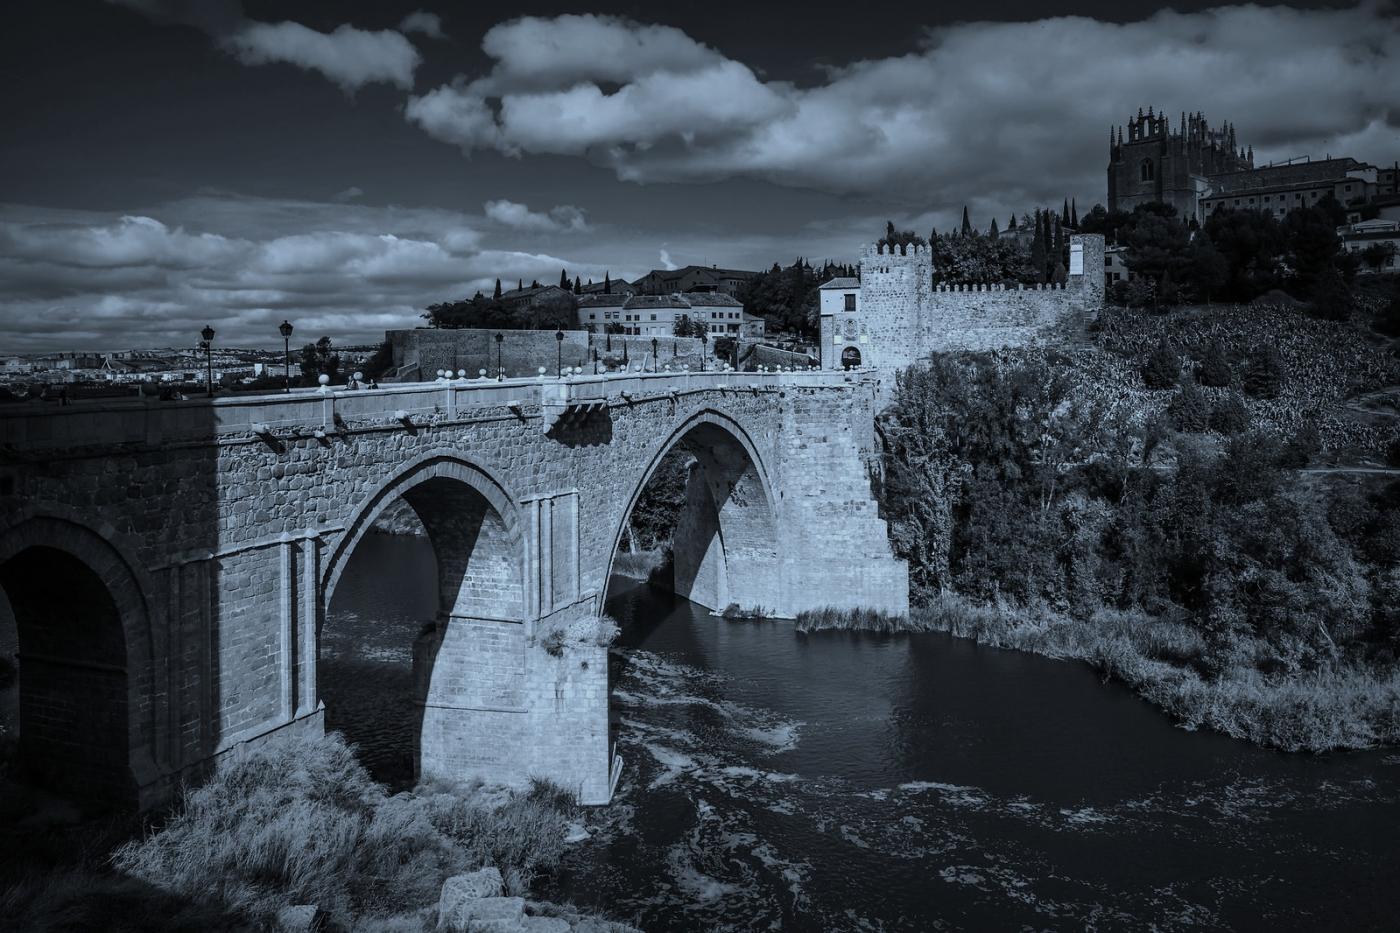 西班牙托莱多,走石桥看古城_图1-1